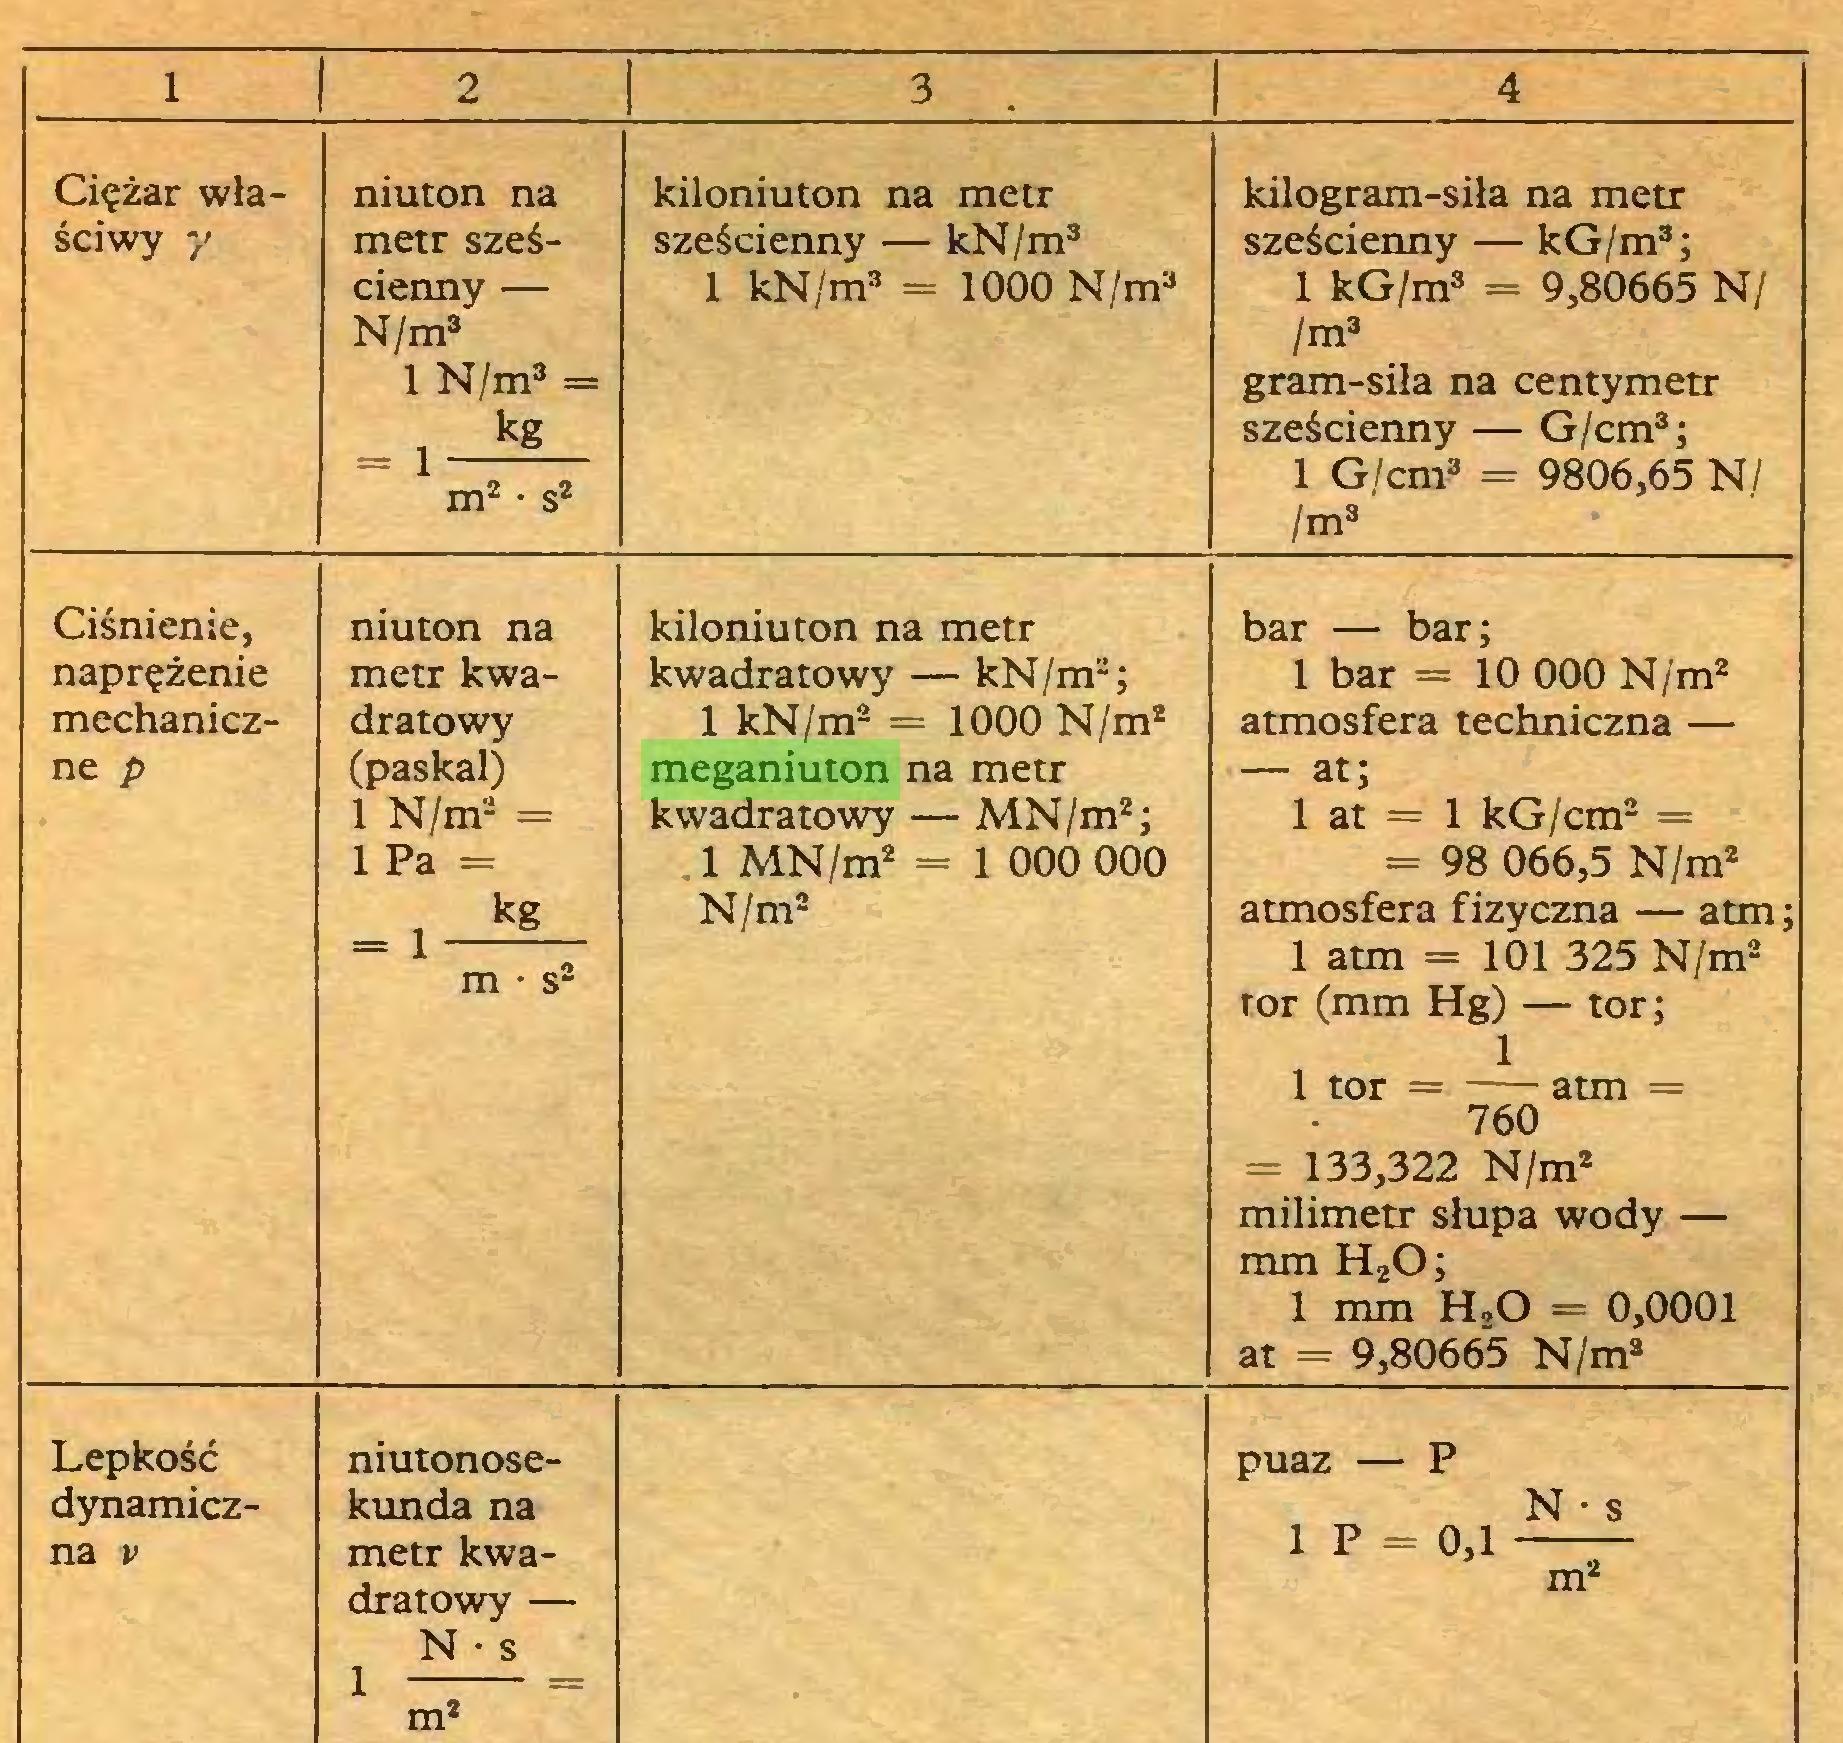 (...) 1   2   3 .   4 Ciężar właściwy y niuton na metr sześcienny — N/m3 1 N/m3 = -i kg m2 • s2 kiloniuton na metr sześcienny — kN/m3 1 kN/m3 = 1000 N/m3 kilogram-siła na metr sześcienny — kG/m3; 1 kG/m3 = 9,80665 N/ / m3 gram-siła na centymetr sześcienny — G/cm3; 1 G/cm3 = 9806,65 N/ / m3 Ciśnienie, naprężenie mechaniczne p niuton na metr kwadratowy (paskal) 1 N/m2 = 1 Pa = -i k8 m • s2 kiloniuton na metr kwadratowy — kN/m2; 1 kN/m2 = 1000 N/m2 meganiuton na metr kwadratowy — MN/m2; 1 MN/m2 = 1 000 000 N/m2 bar — bar; 1 bar = 10 000 N/m2 atmosfera techniczna — — at; 1 at = 1 kG/cm2 = = 98 066,5 N/m2 atmosfera fizyczna — atm; 1 atm = 101 325 N/m2 tor (mm Hg) — tor; 1 1 tor — atm = 760 = 133,322 N/m2 milimetr słupa wody — mm HzO; 1 mm HoO = 0,0001 at = 9,80665 N/m2 Lepkość dynamiczna V niutonosekunda na metr kwadratowy — N • s 1 m...